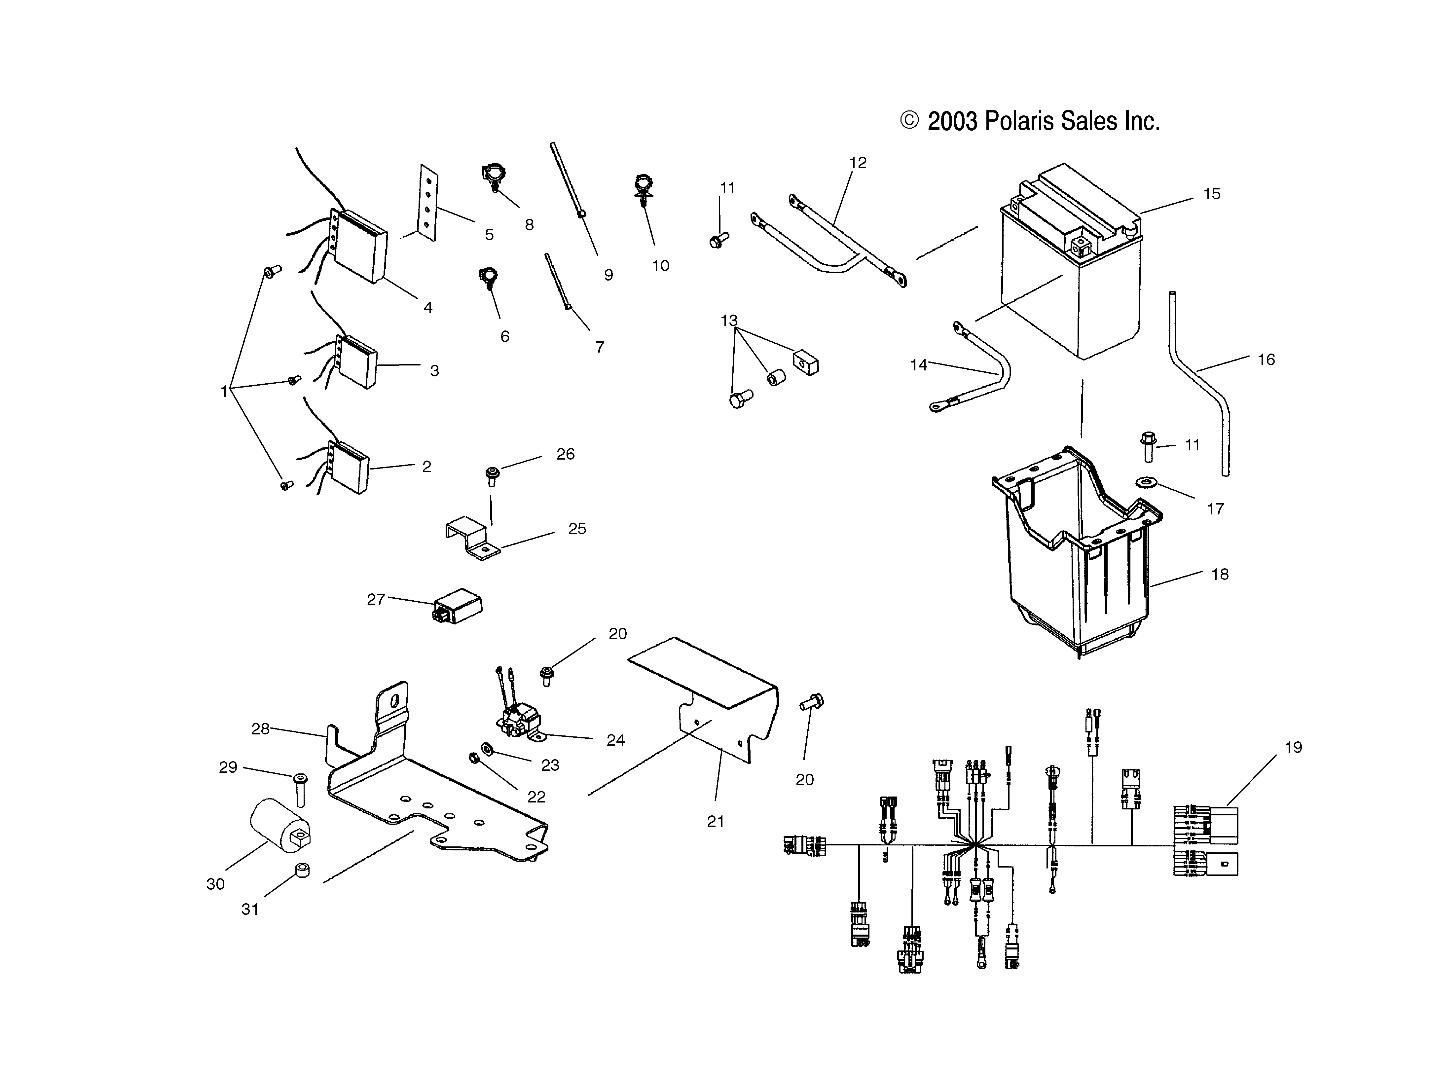 polaris sportsman 90 wiring diagram on ranger 6x6 get free image about wiring diagram